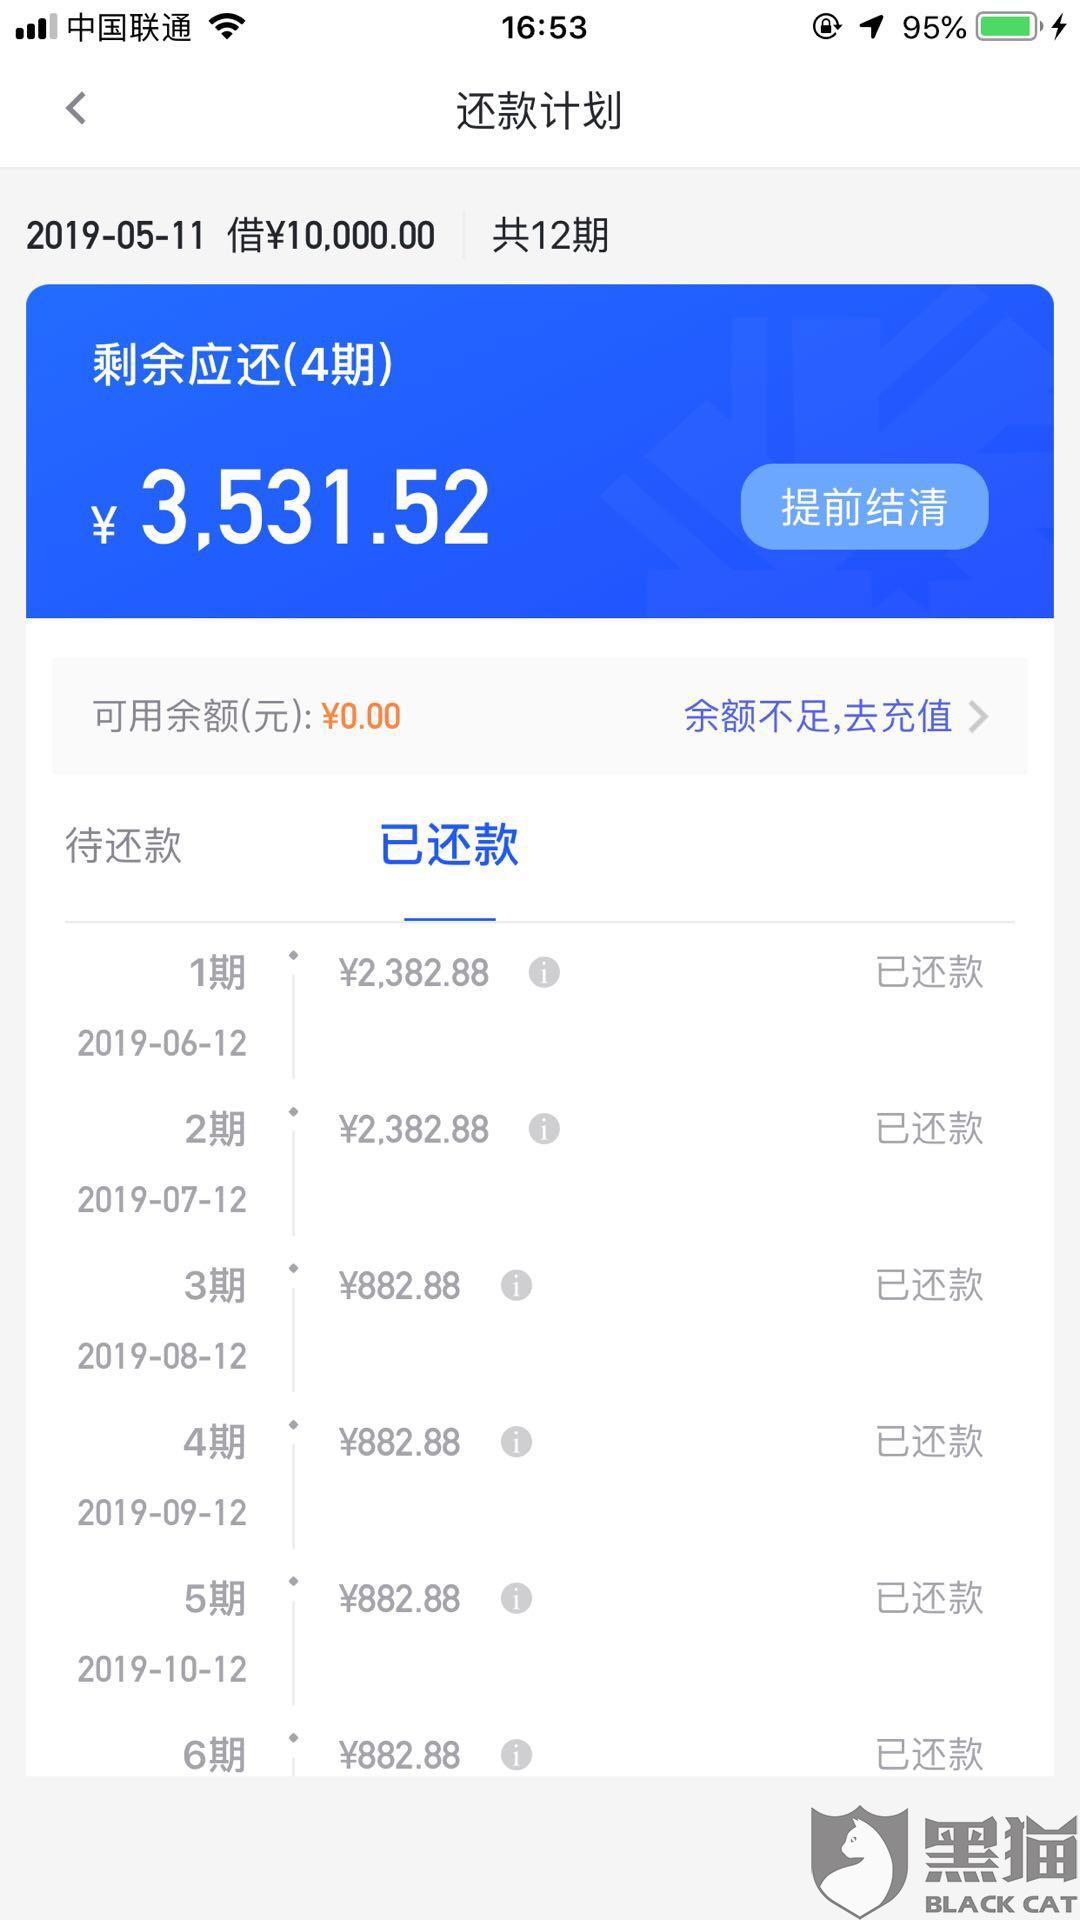 黑猫投诉:上海你我贷互联网金融信息服务有限公司标榜利率合规,实为高利贷